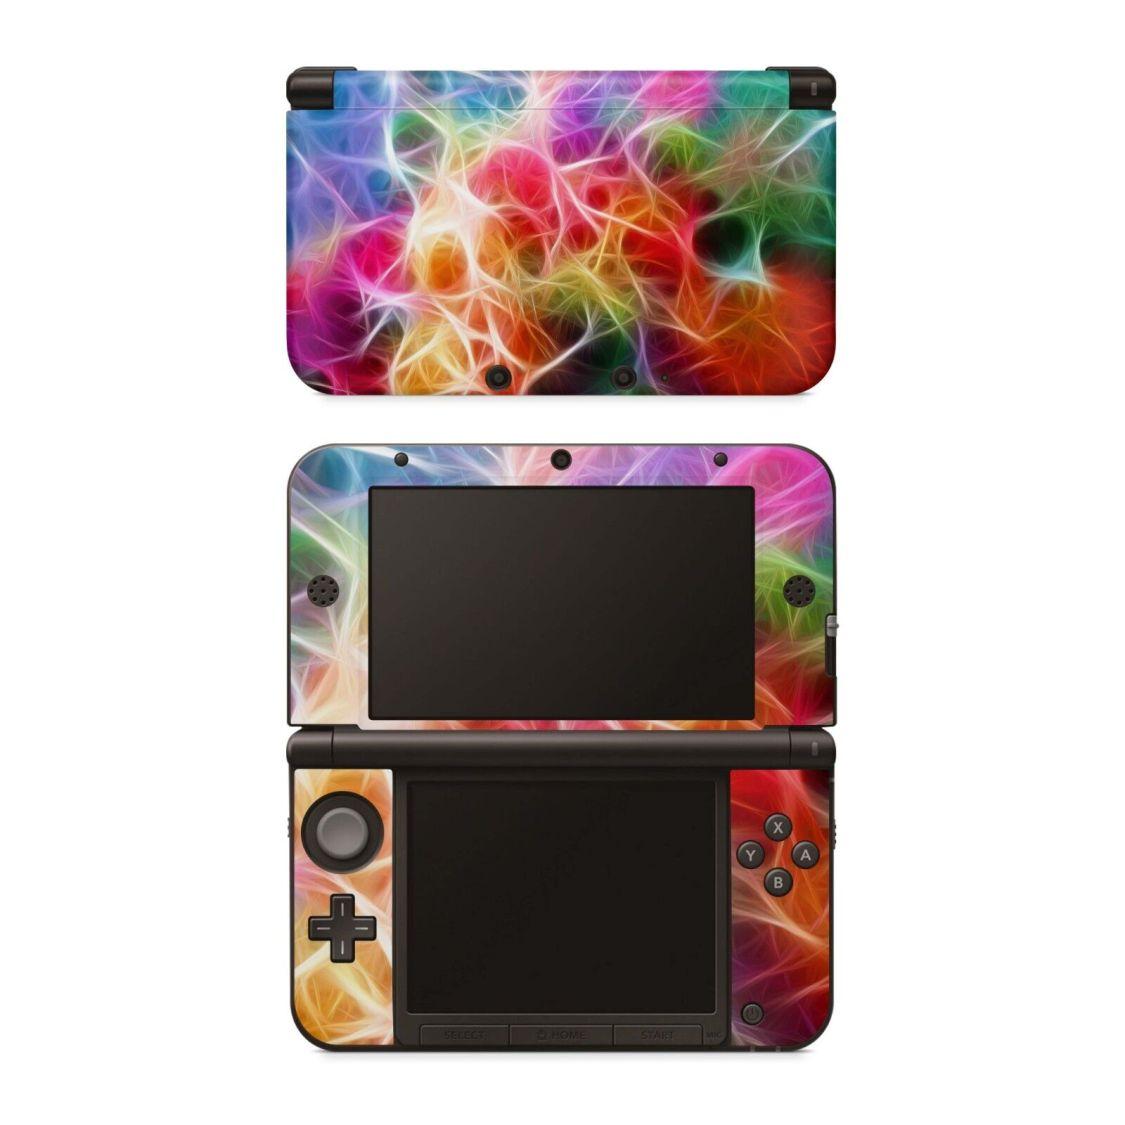 Nintendo 3DS XL Aufkleber Skin Decal Klebe Schutzfolie Design Sticker Braided